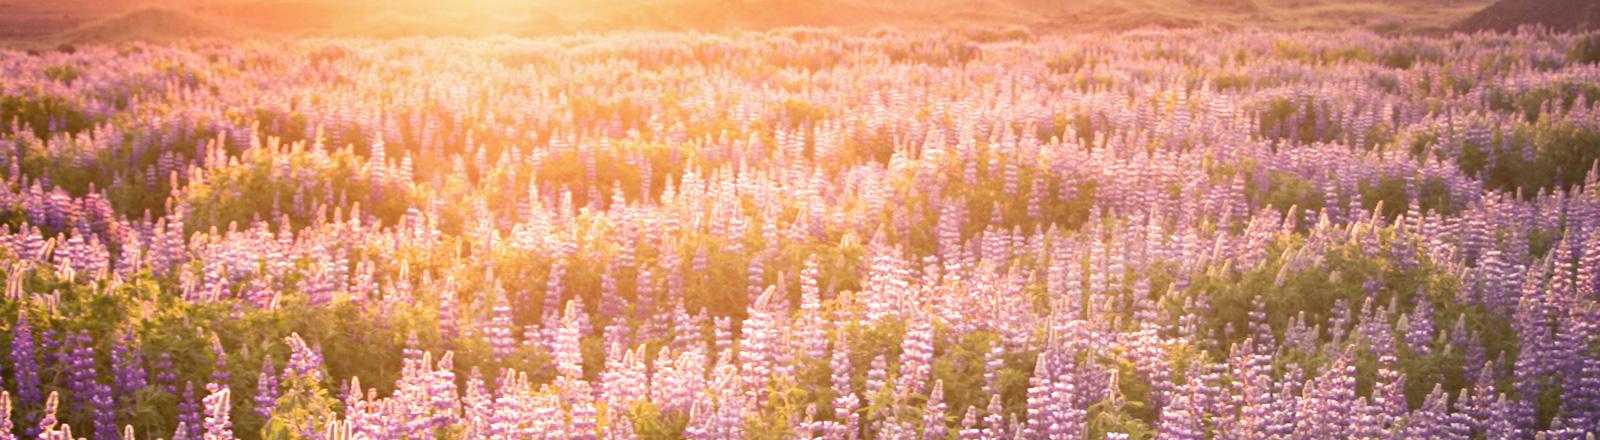 Eine Wiese voller Lupinen. Am Horizont geht die Sonne unter. Die letzten Sonnenstrahlen fallen auf die Blumen.